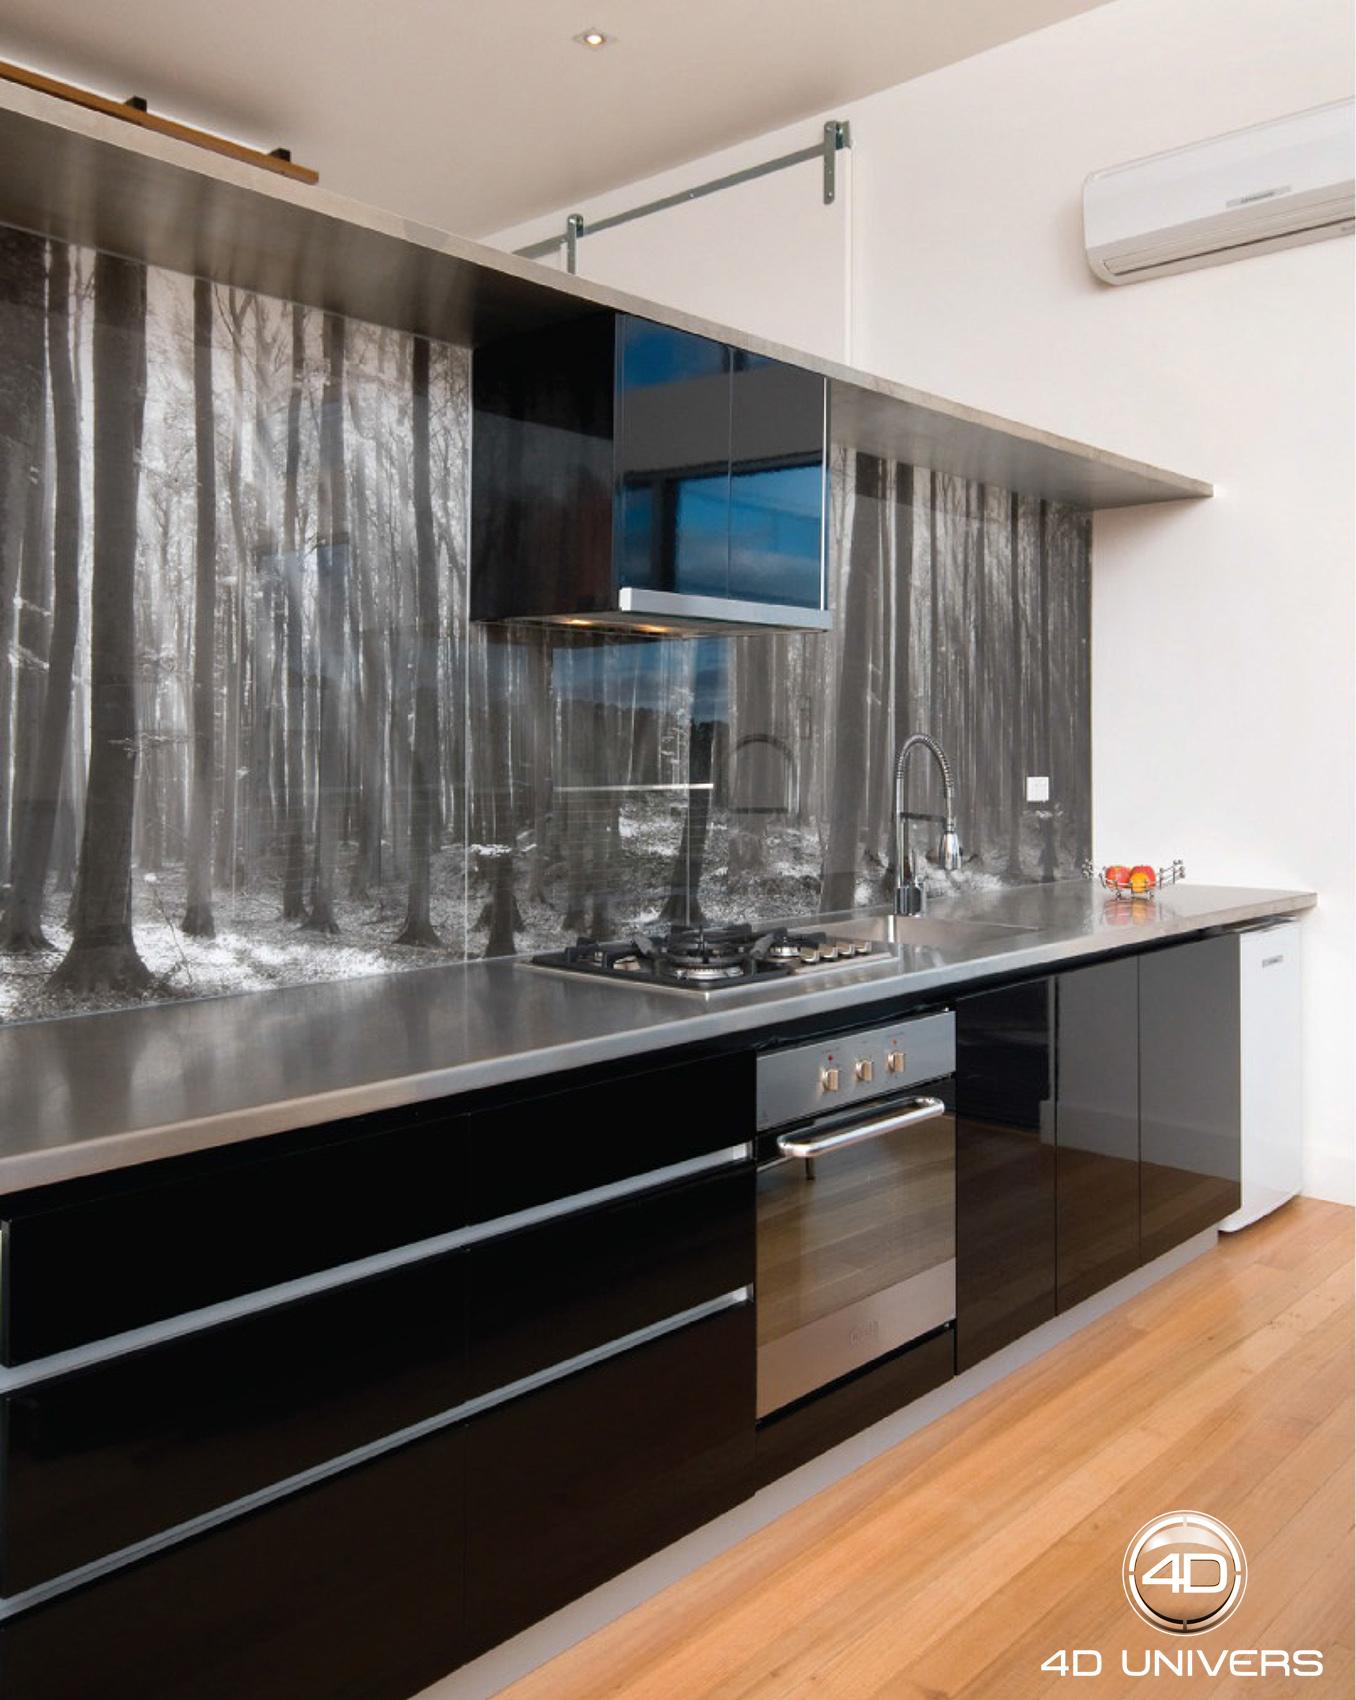 interieur-3d-luxe-megeve-salle-de-bain